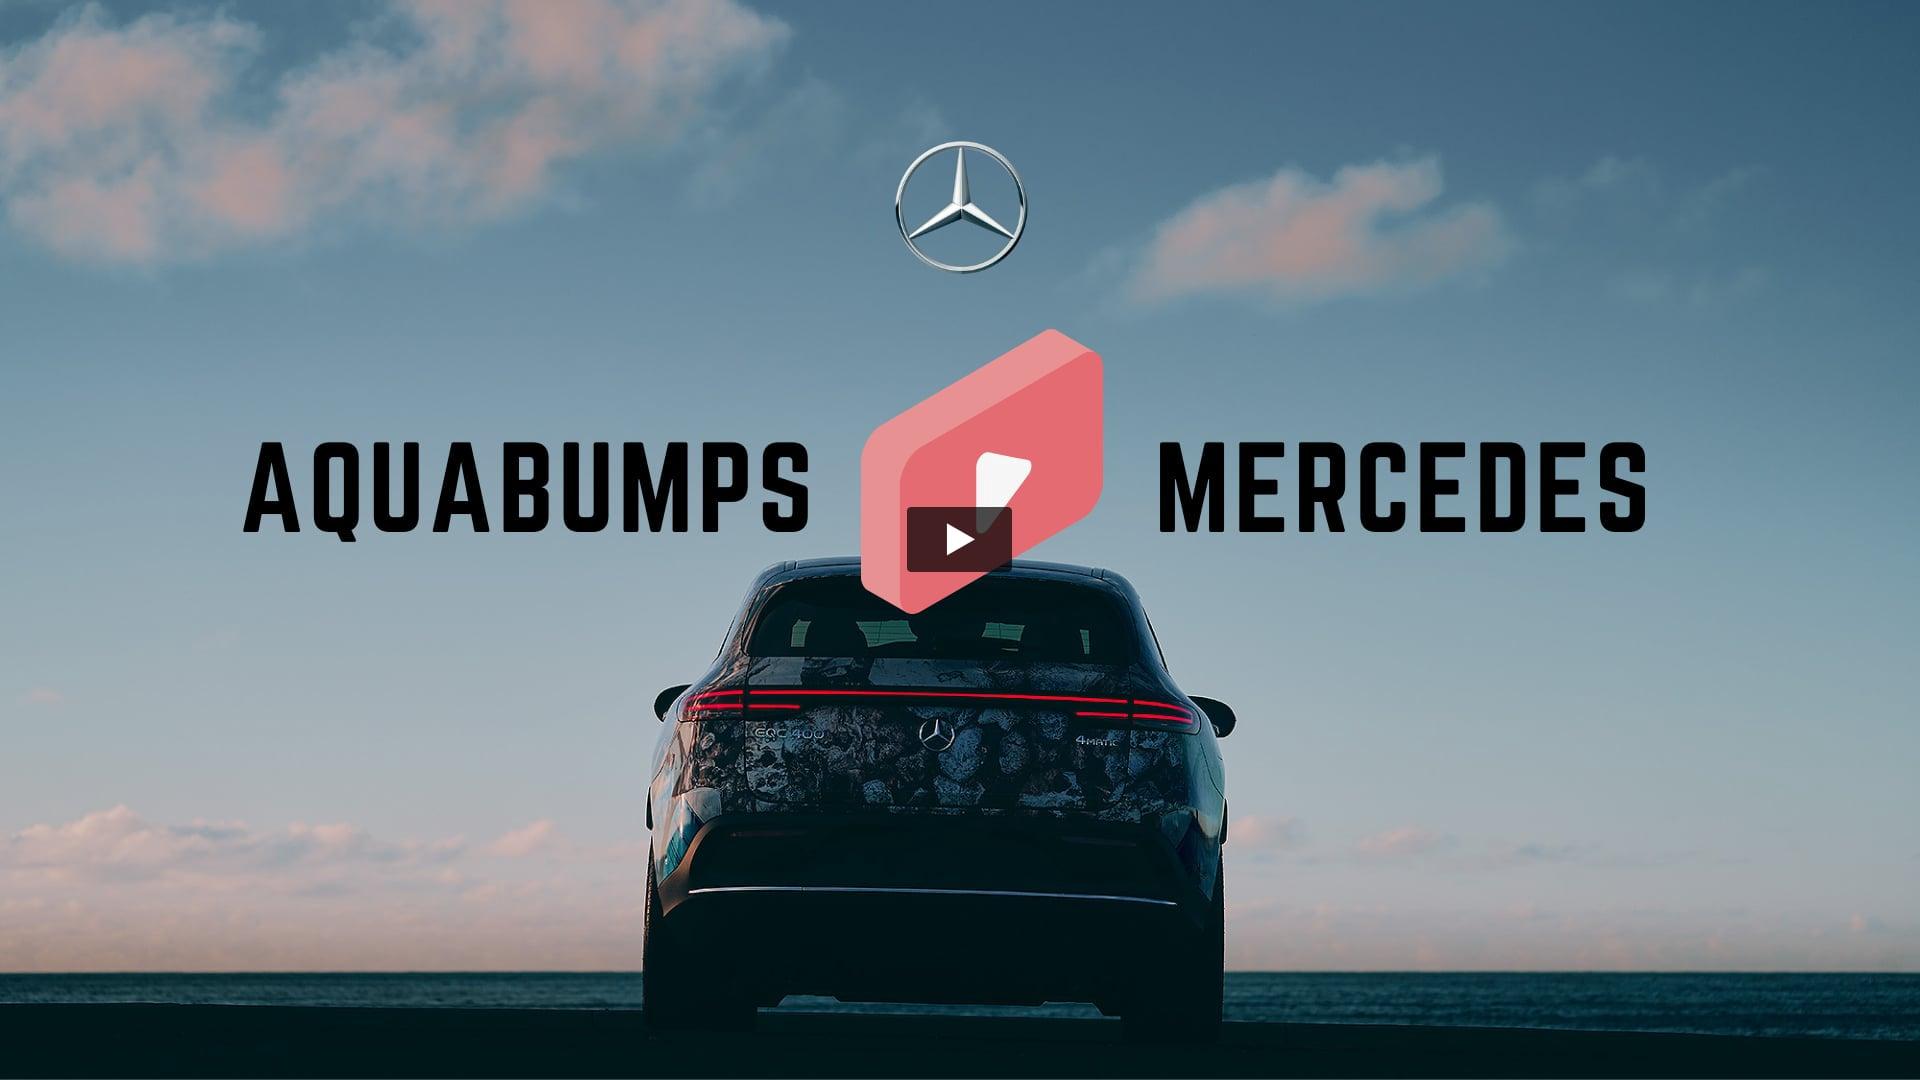 Mercedes Benz X Aquabumps